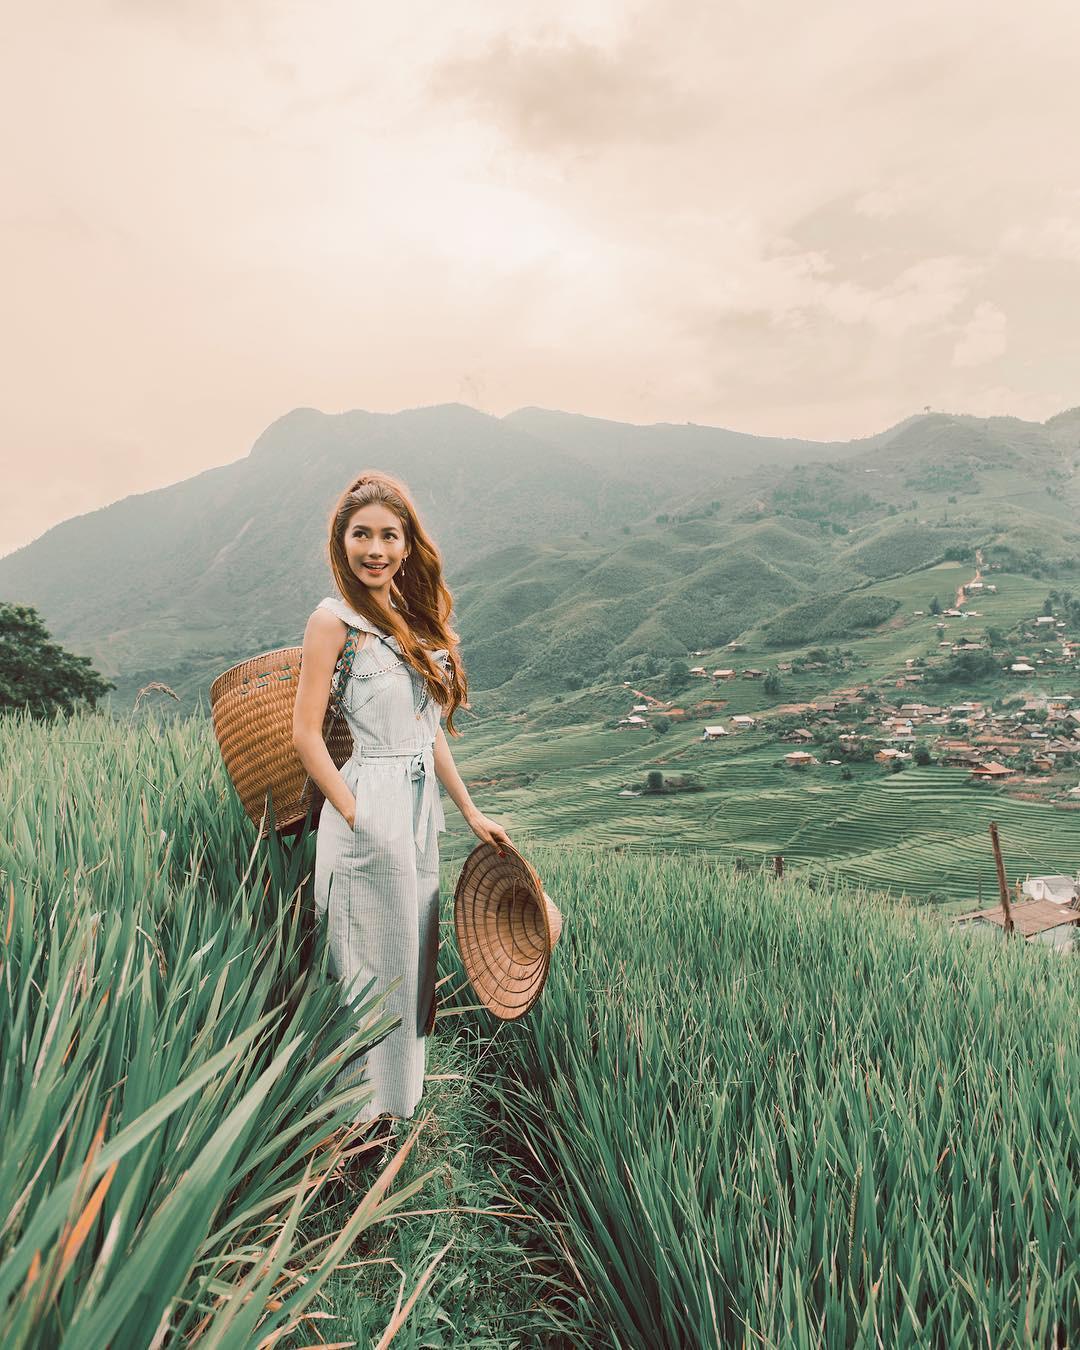 Thêm những bức ảnh đẹp mê mẩn của công chúa tóc mây Sarah Trần trong chuyến du hí Việt Nam - Ảnh 4.